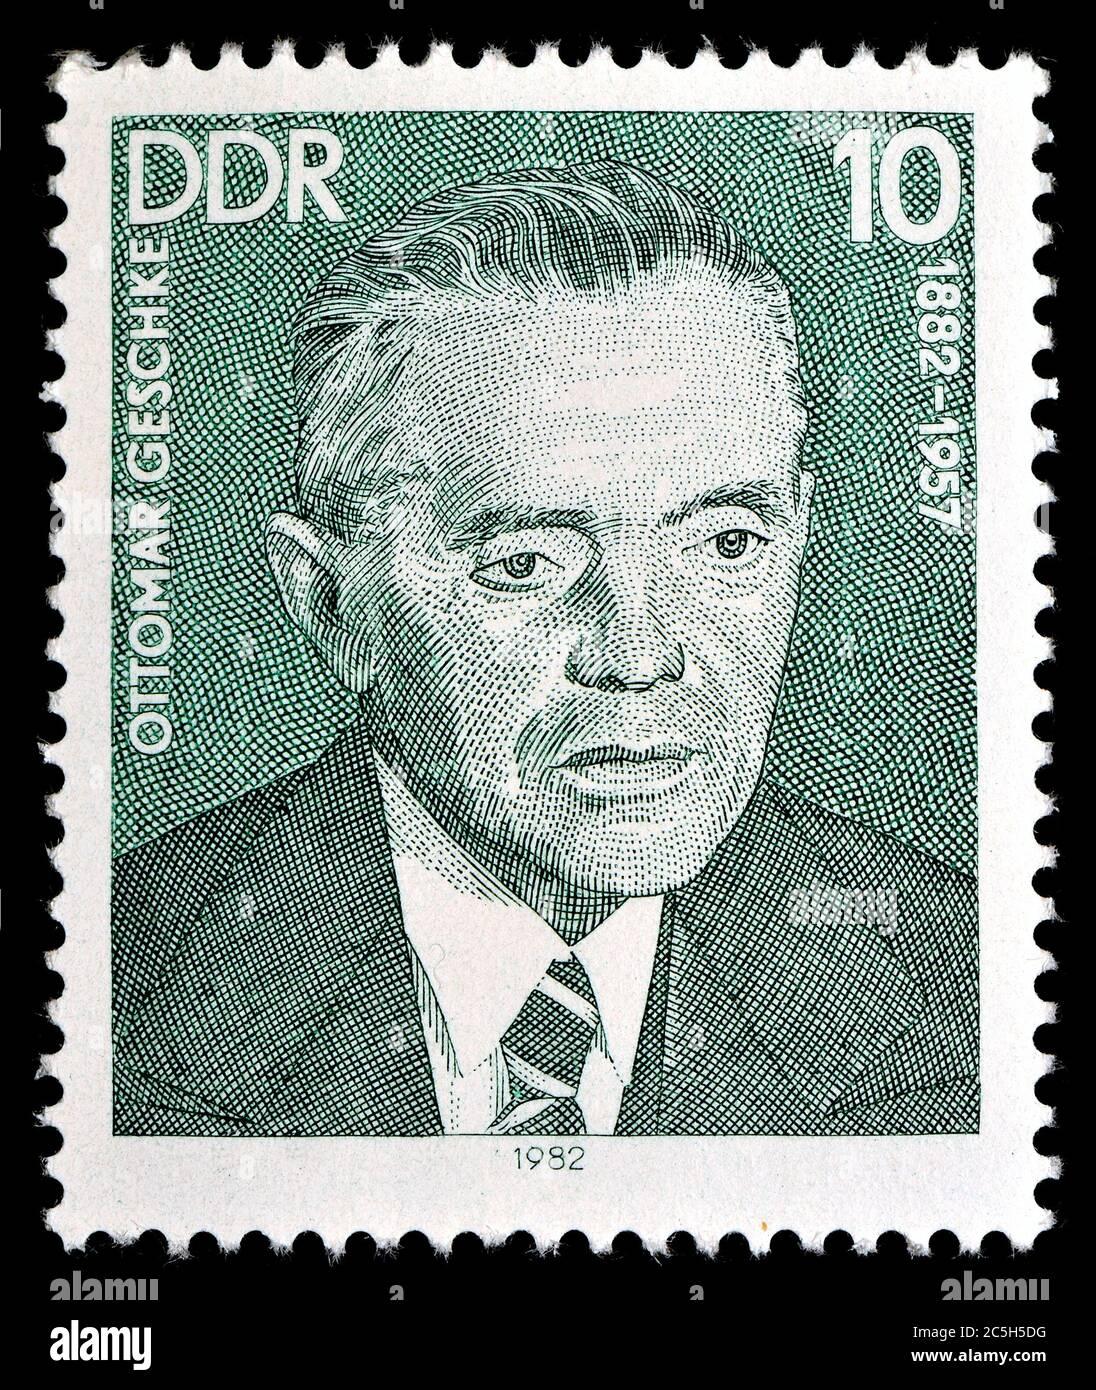 Sello de franqueo de Alemania Oriental (1982) : otomano Georg Alexander Geschke (1882-1957) político alemán (KPD, SED). Foto de stock